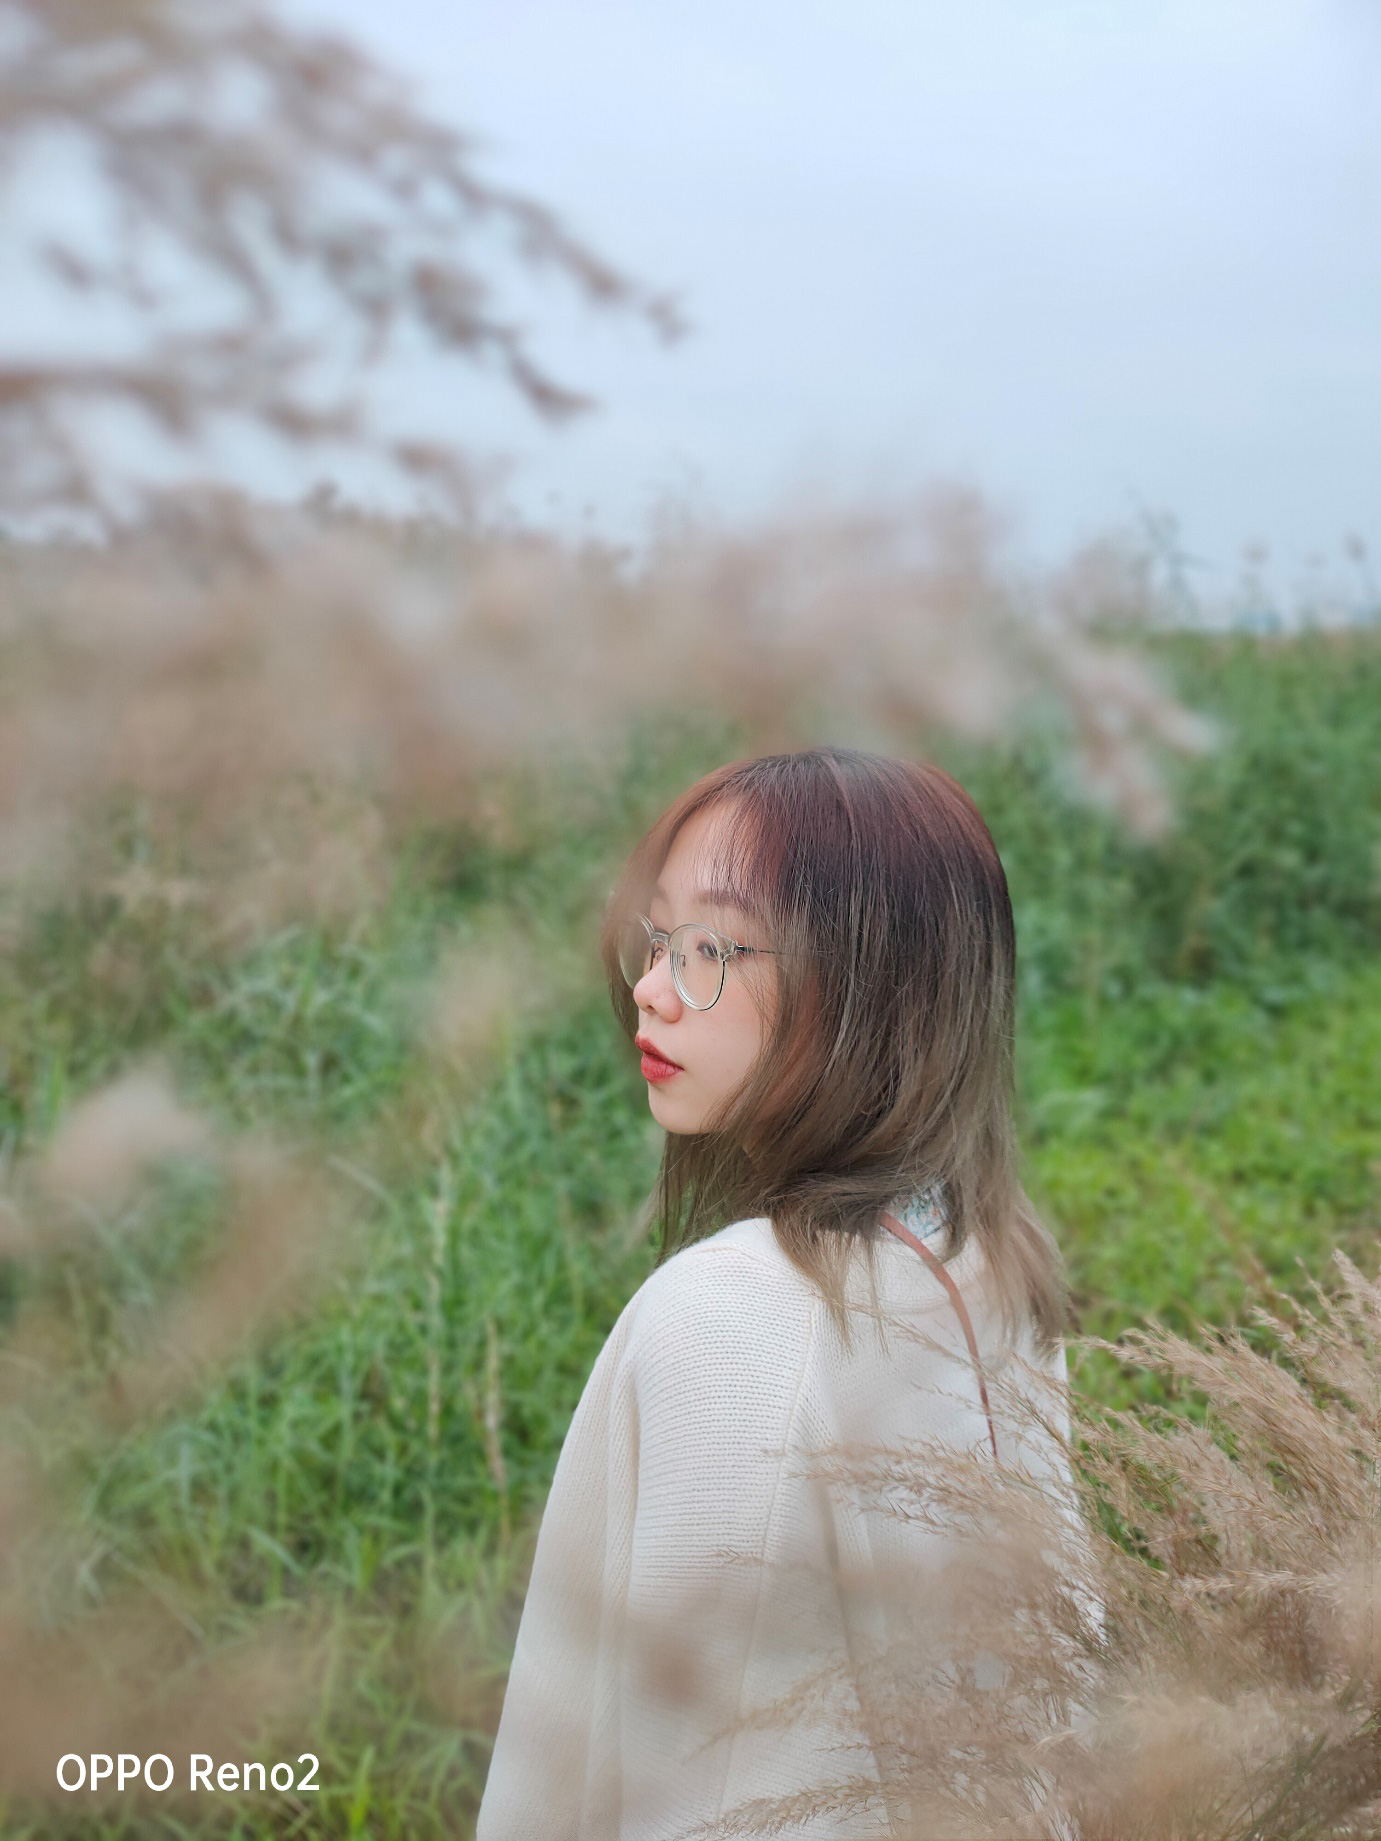 Đi Nhật, Hàn làm gì cho xa khi ở Hà Nội cũng có cảnh lá vàng đẹp đến nao lòng - Ảnh 7.